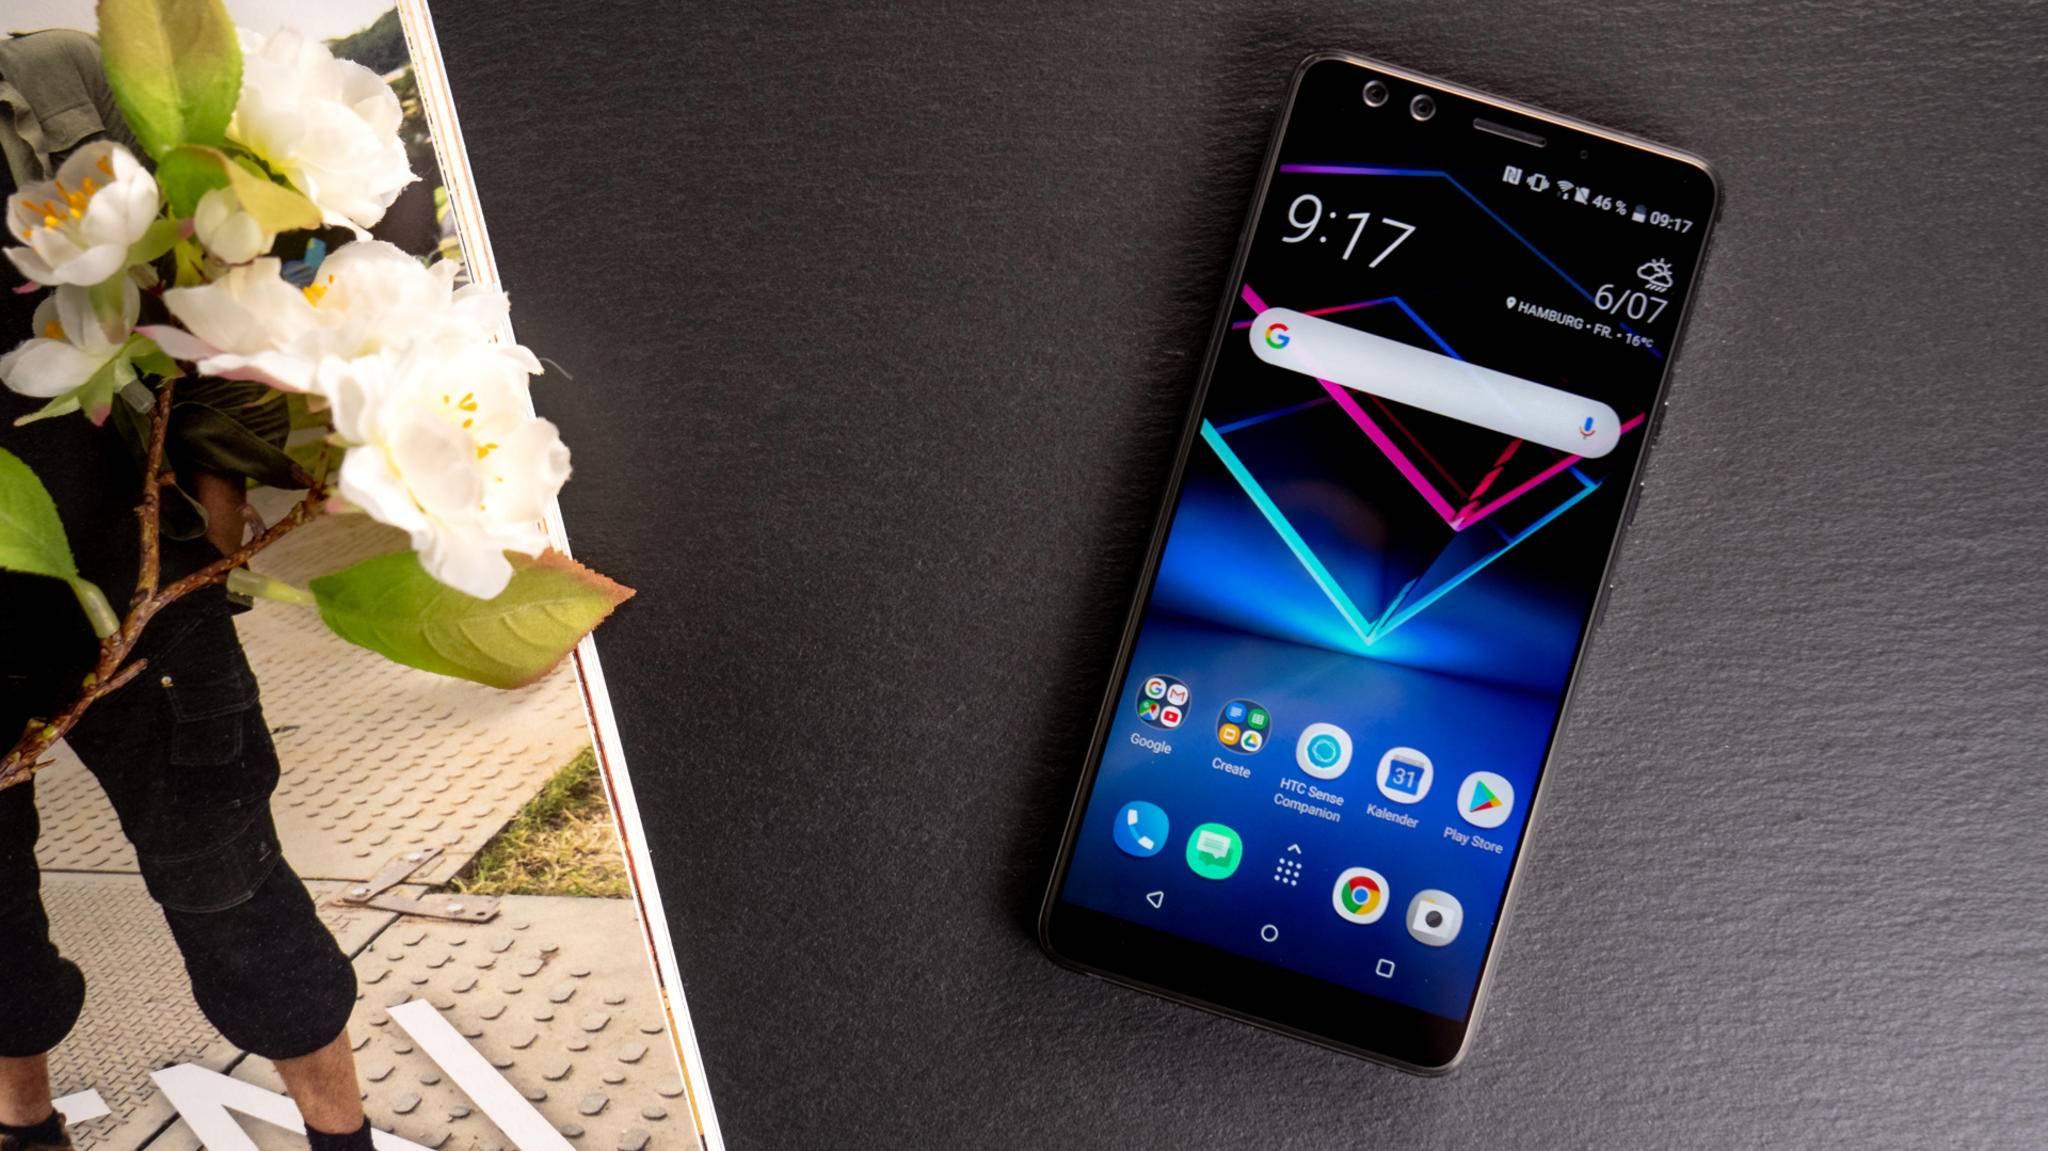 Das HTC U12 Plus (Foto) soll einen Life-Ableger bekommen – der vielleicht gar nicht von HTC gebaut wird.